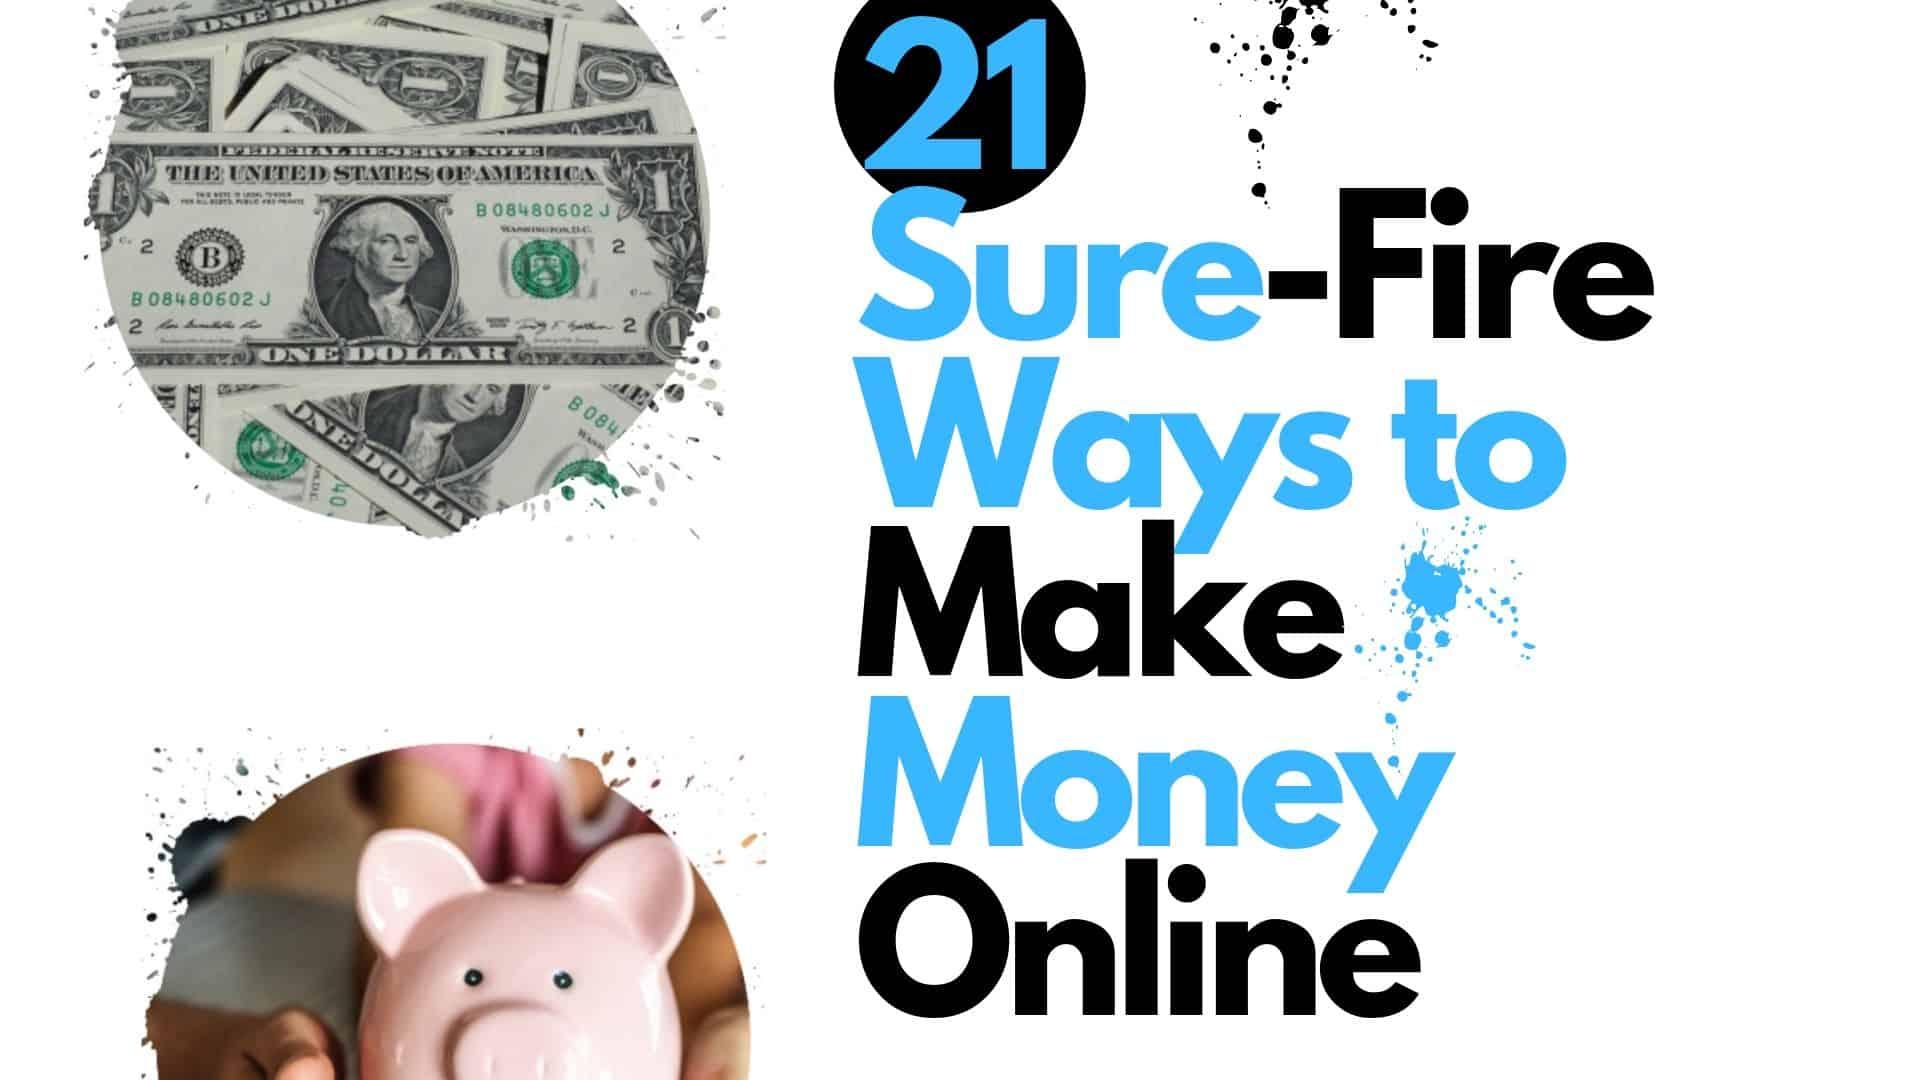 21 Ways to Make money Online